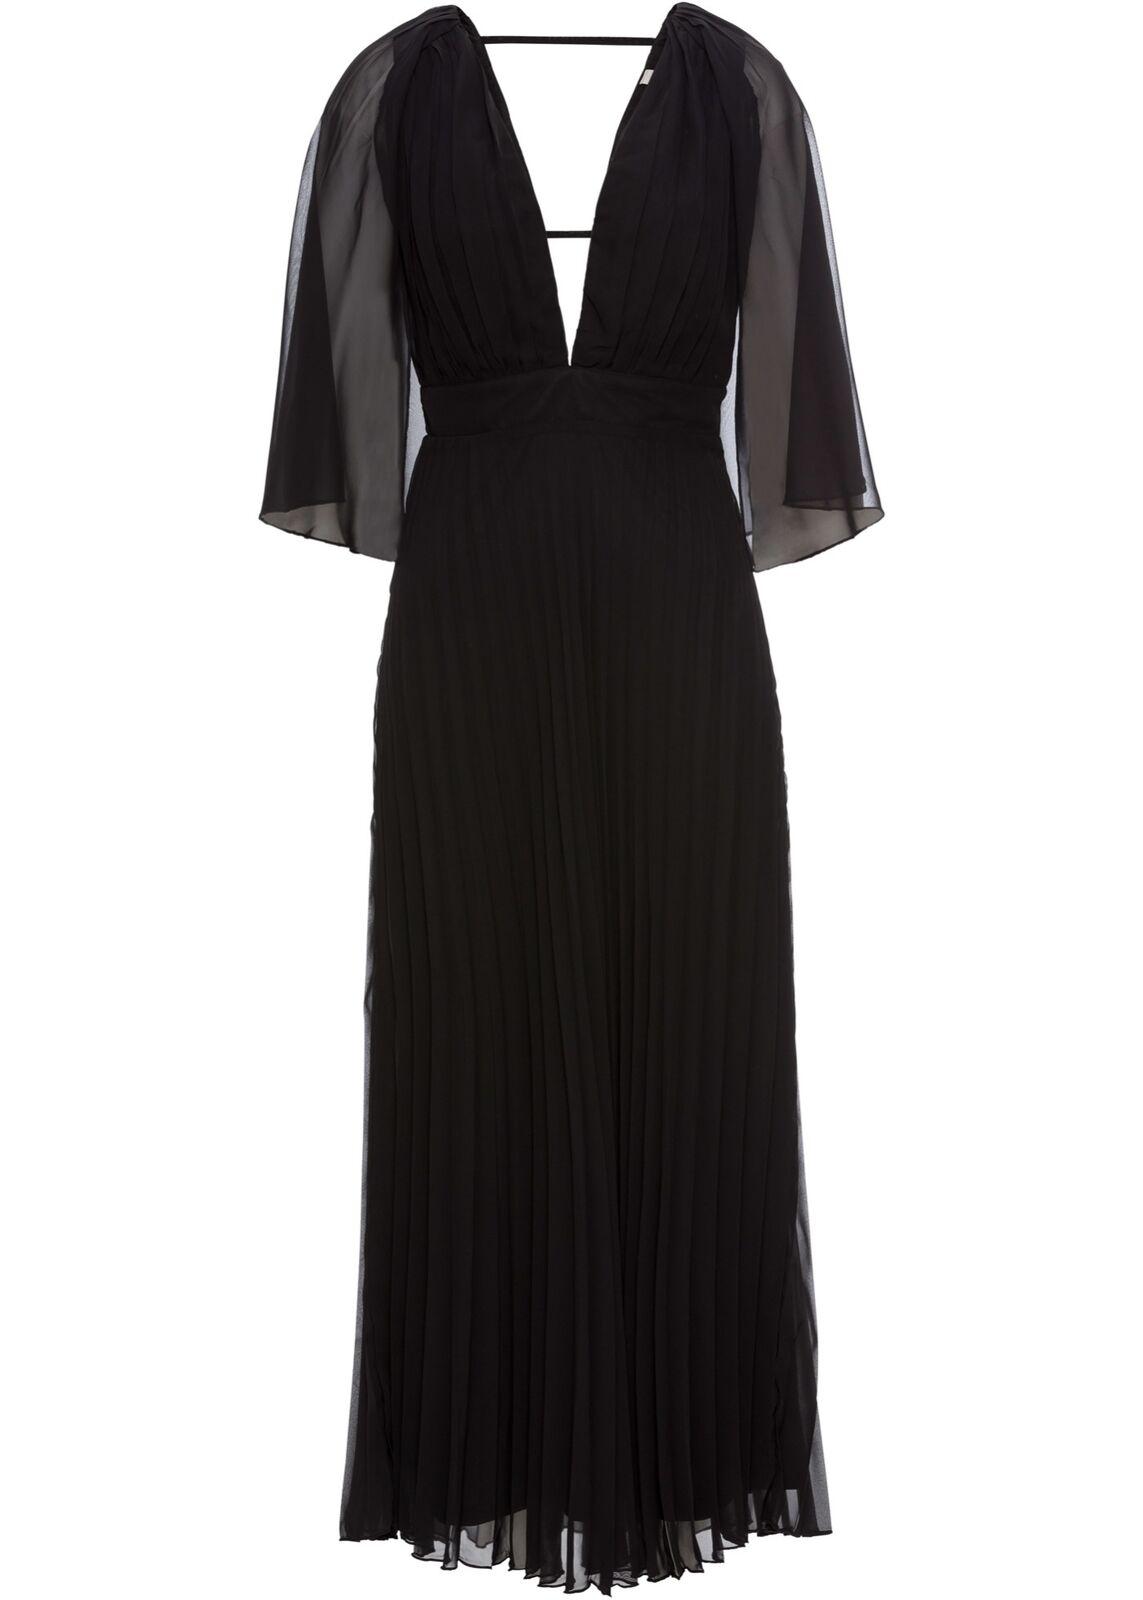 Abendkleid Gr. 38 Schwarz Eventkleid Maxi-Kleid Cocktailkleid Eventkleid Neu